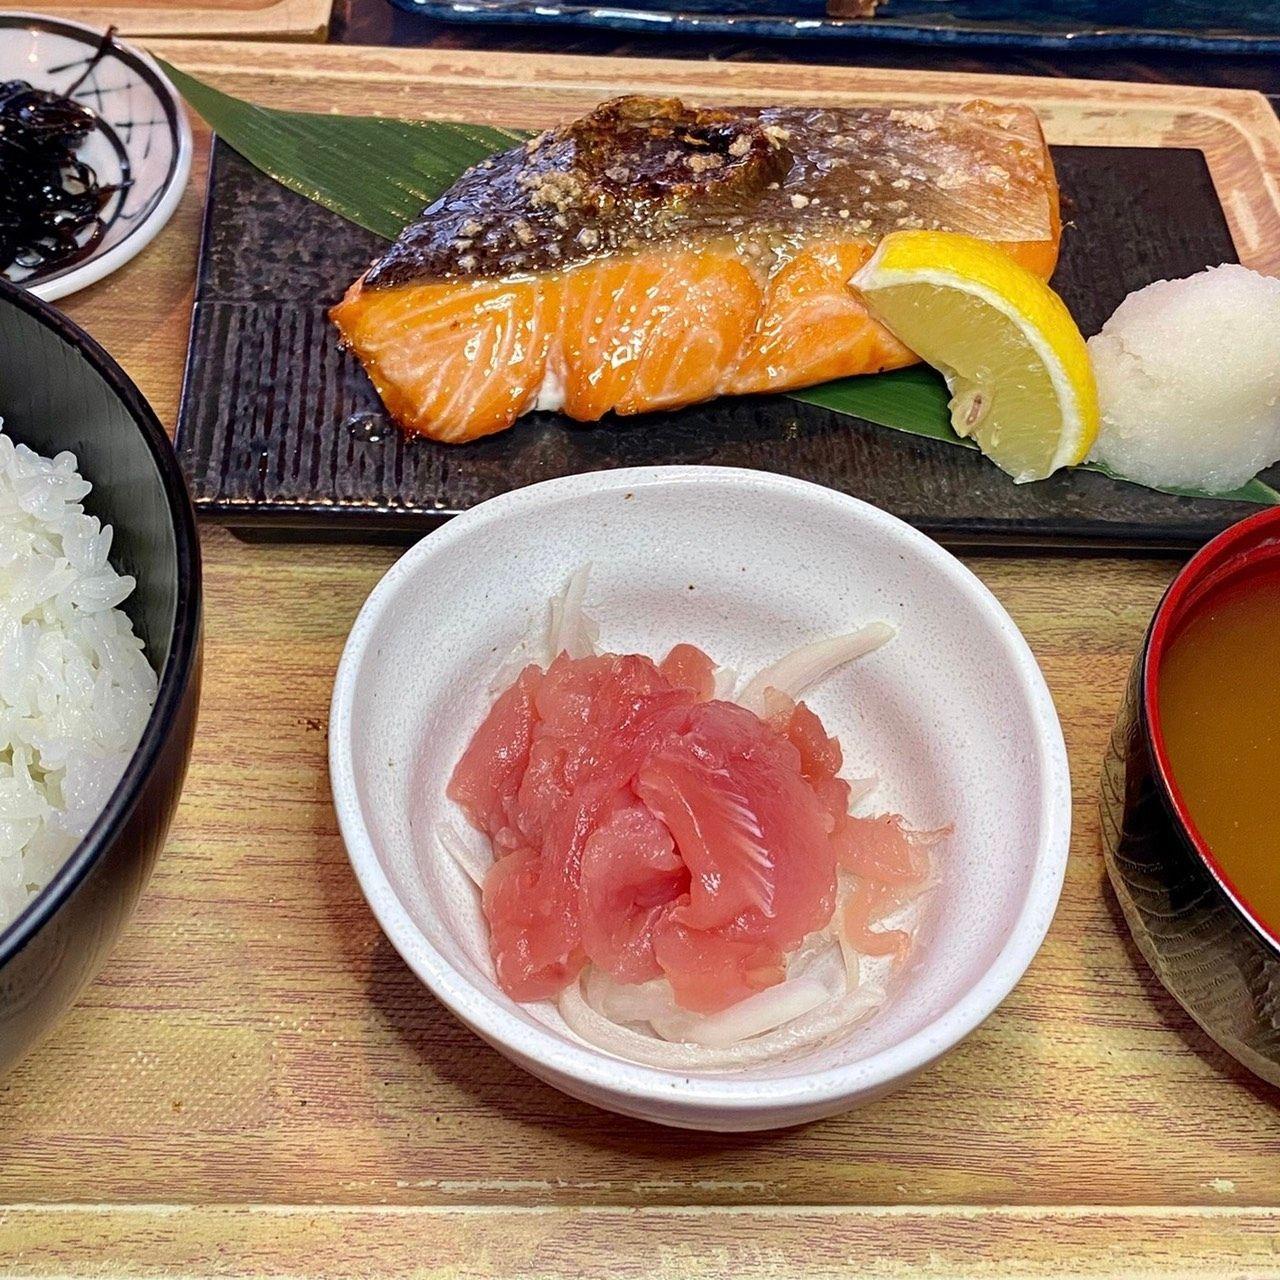 【ランチ限定】大判銀鮭の塩焼き定食